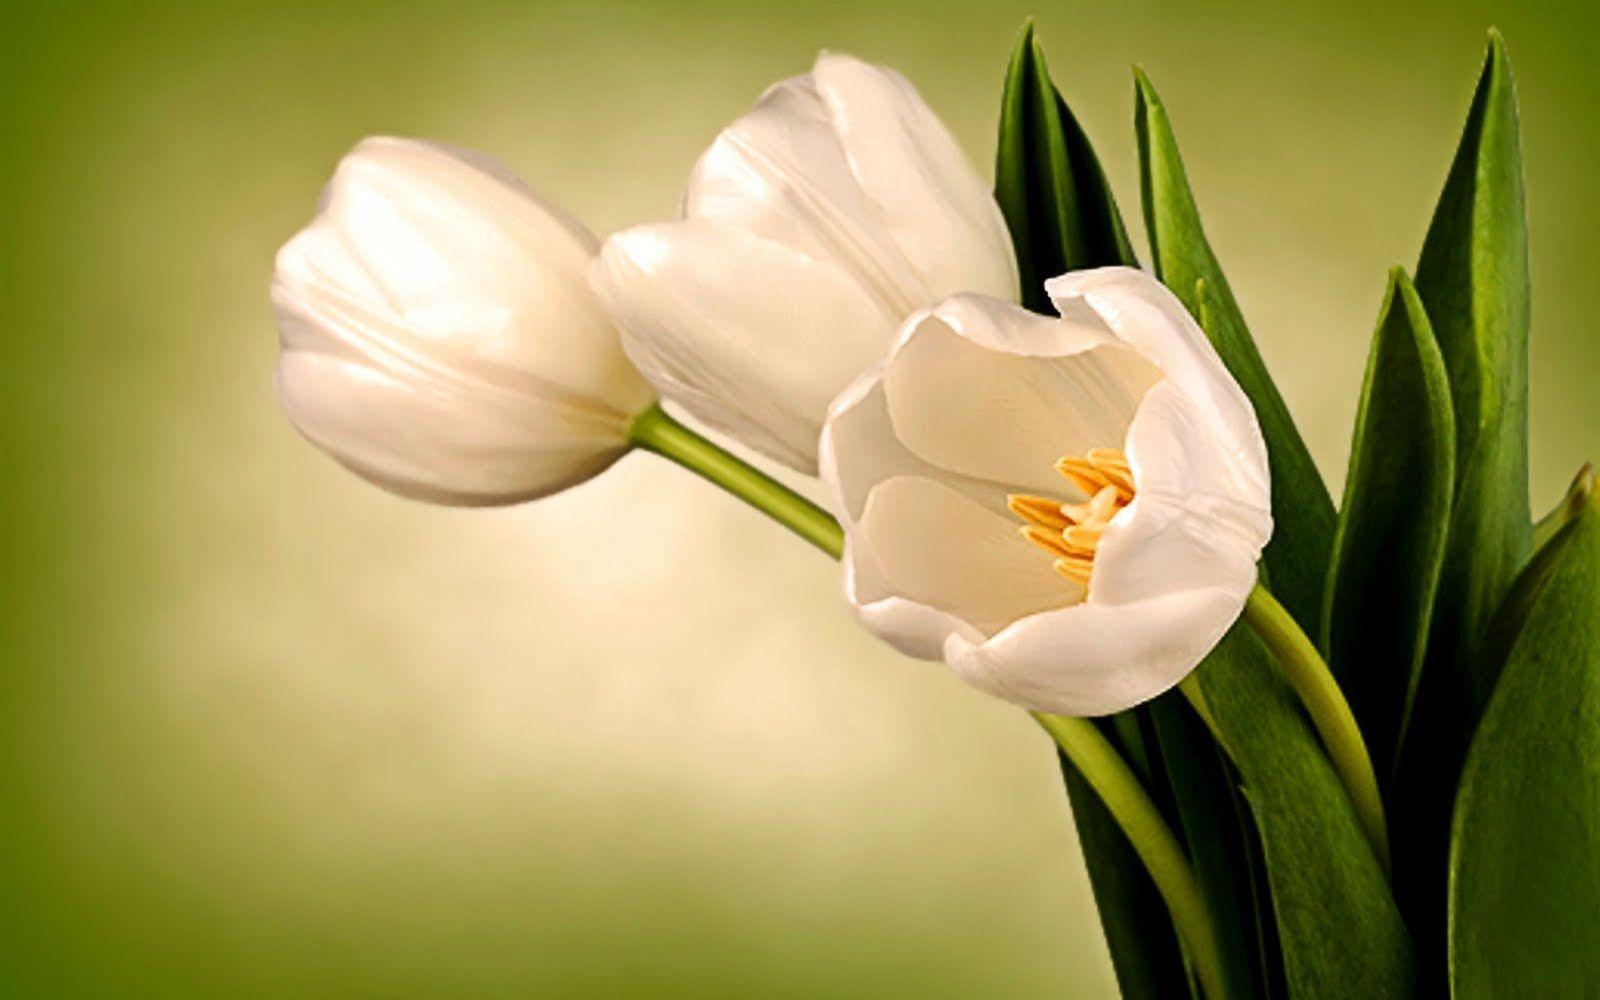 очаровательные белые цветы на зеленом фоне фото высокого разрешения долг